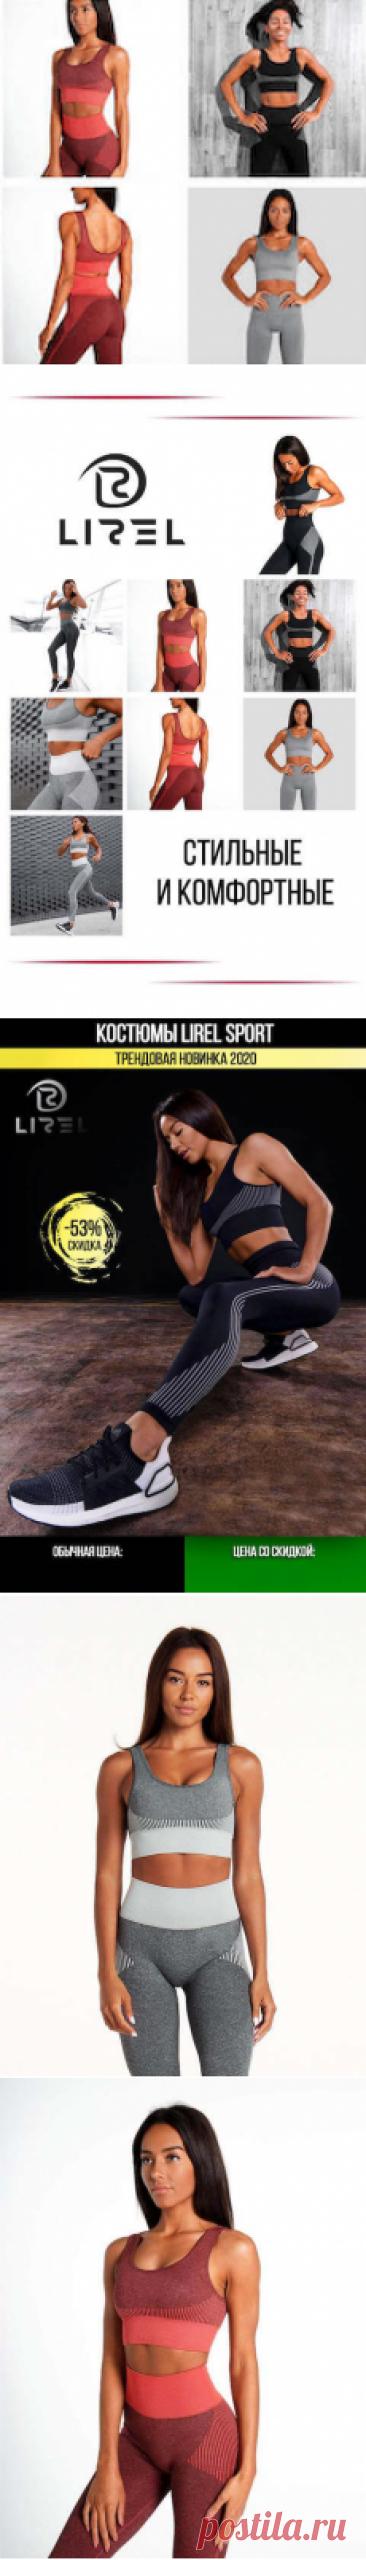 Lirel sport спортивнй комплект